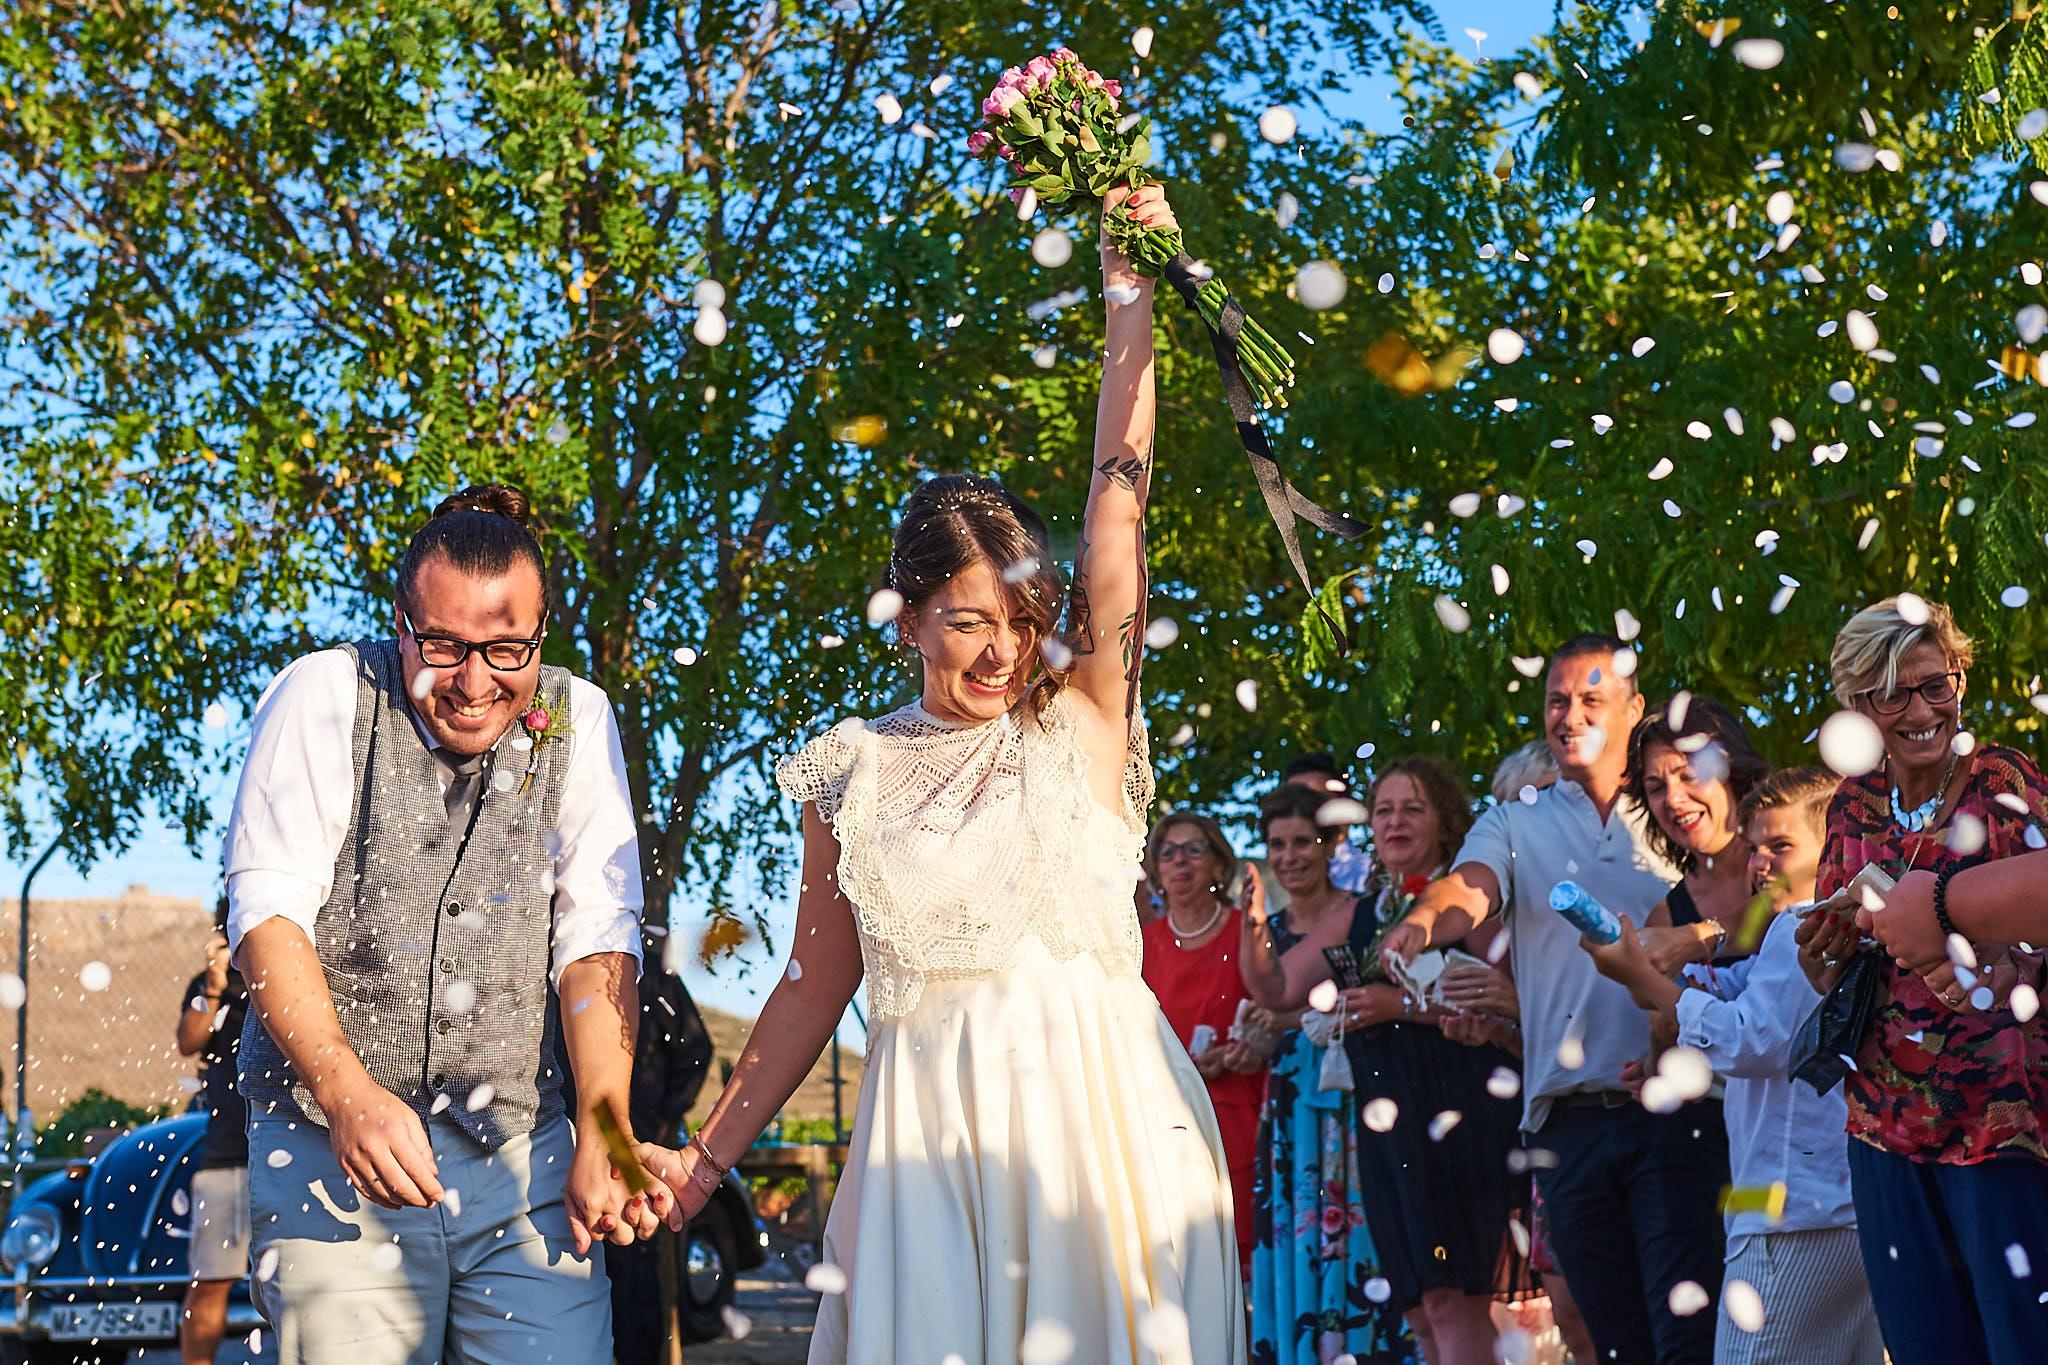 El equipo de Albamay felices después de casarse al aire libre y los invitados echando pétalos y arroz.